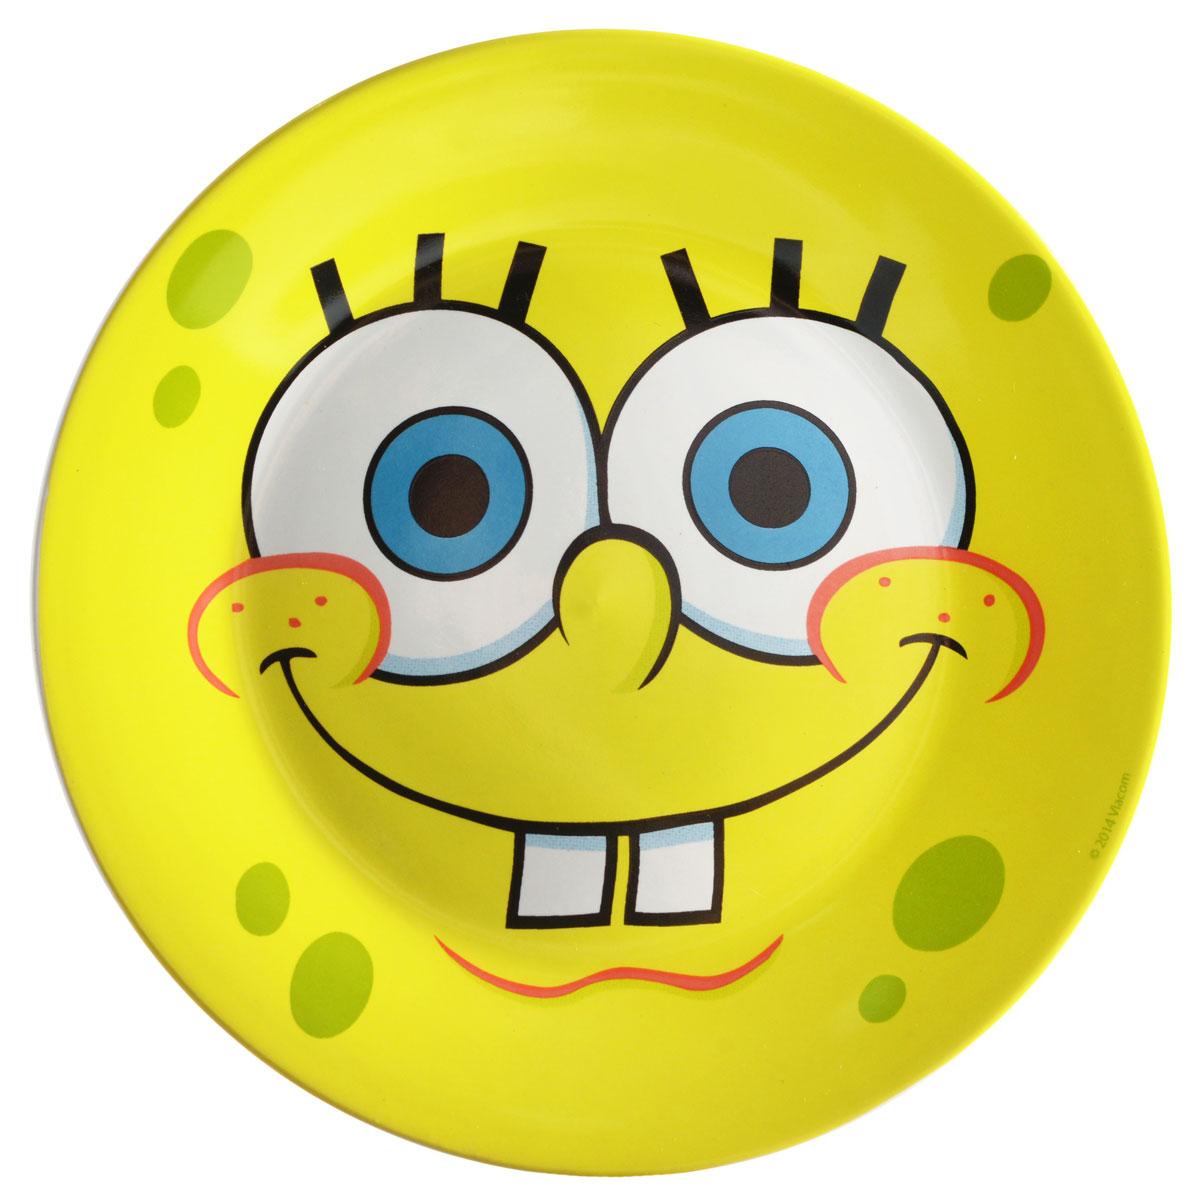 Губка Боб Тарелка детская Солнечный диаметр 19 смSBP190-1Яркая тарелка Губка Боб Солнечный идеально подойдет для кормления малыша и самостоятельного приема им пищи. Тарелка выполнена из керамики и оформлена высококачественным изображением героя мультфильма Губка Боб. Такой подарок станет не только приятным, но и практичным сувениром, добавит ярких эмоций вашему ребенку! Можно использовать в СВЧ-печи и посудомоечной машине.